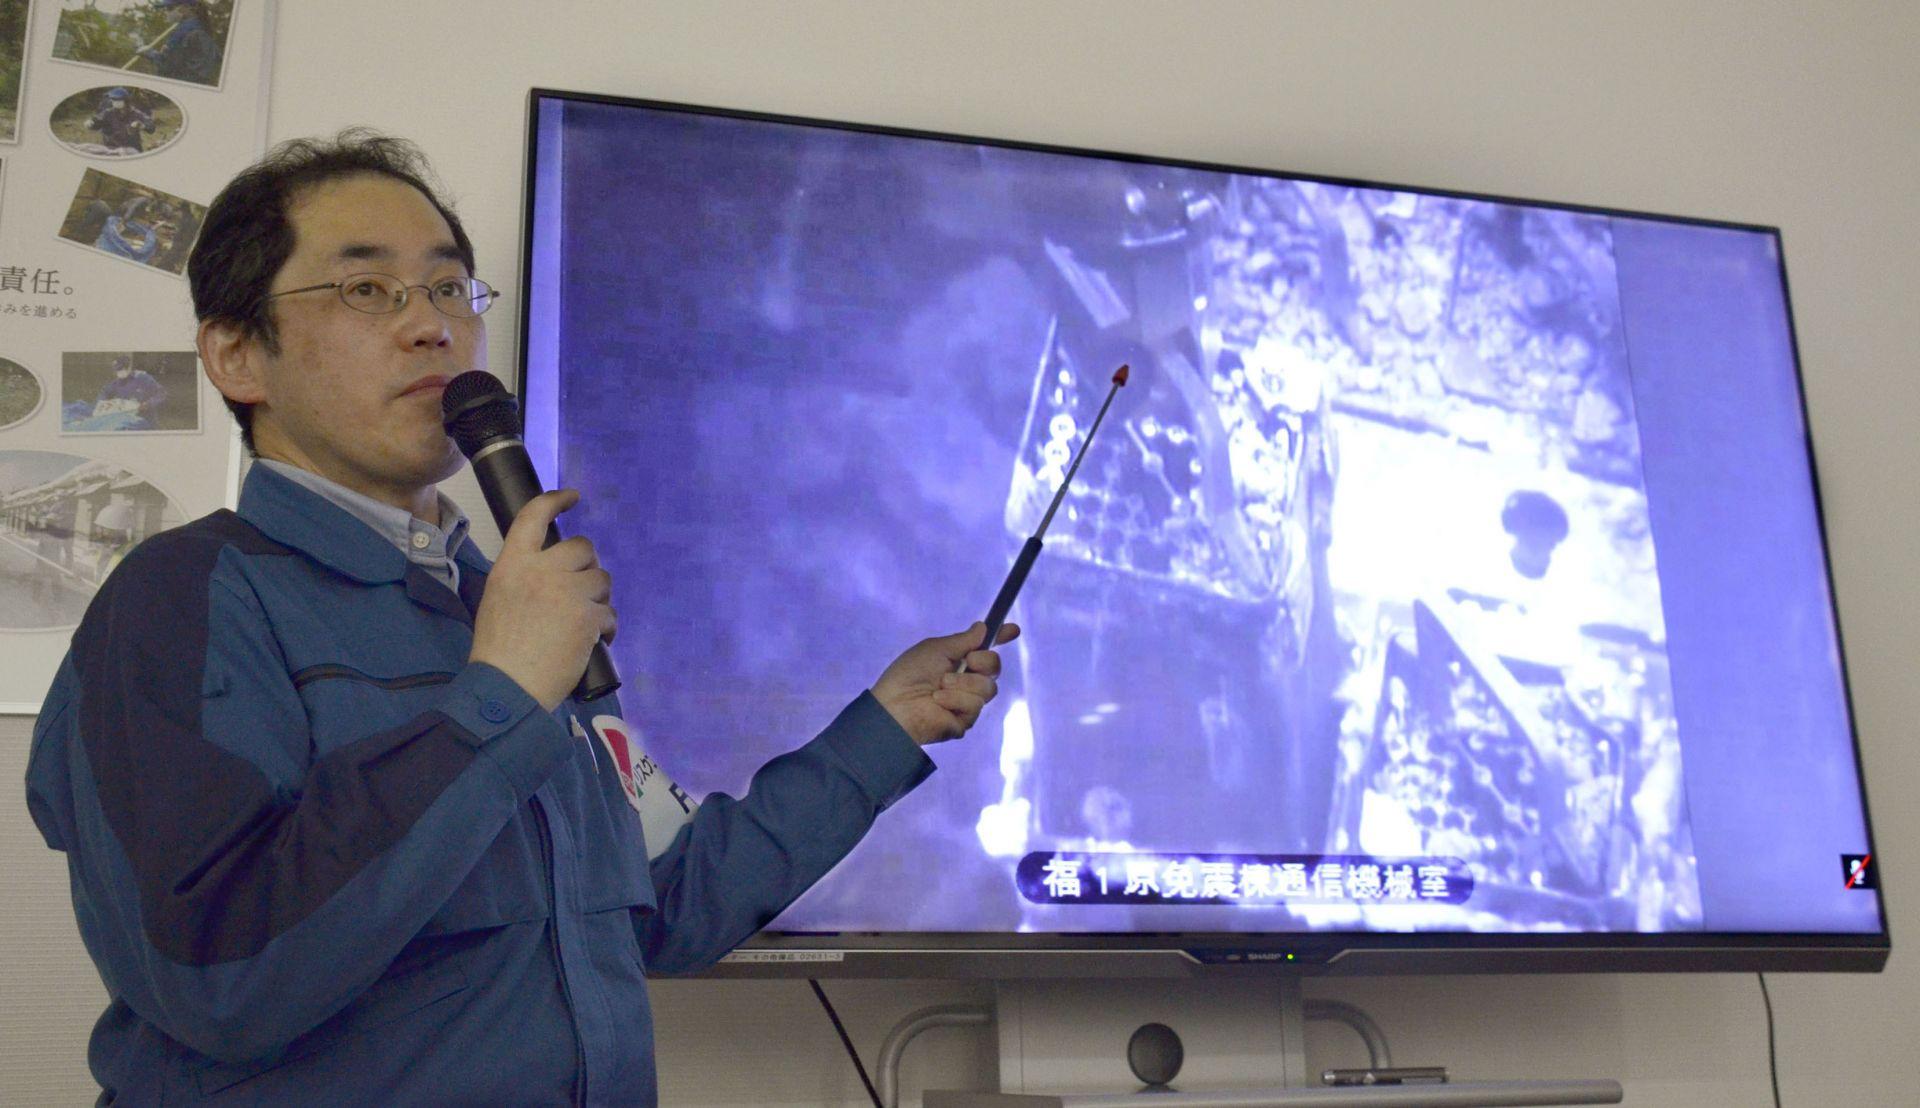 Работници от ТЕЛКО дистанционно извършват операция за премахване на горива на 3-и блок на атомната електроцентрала Фукушима